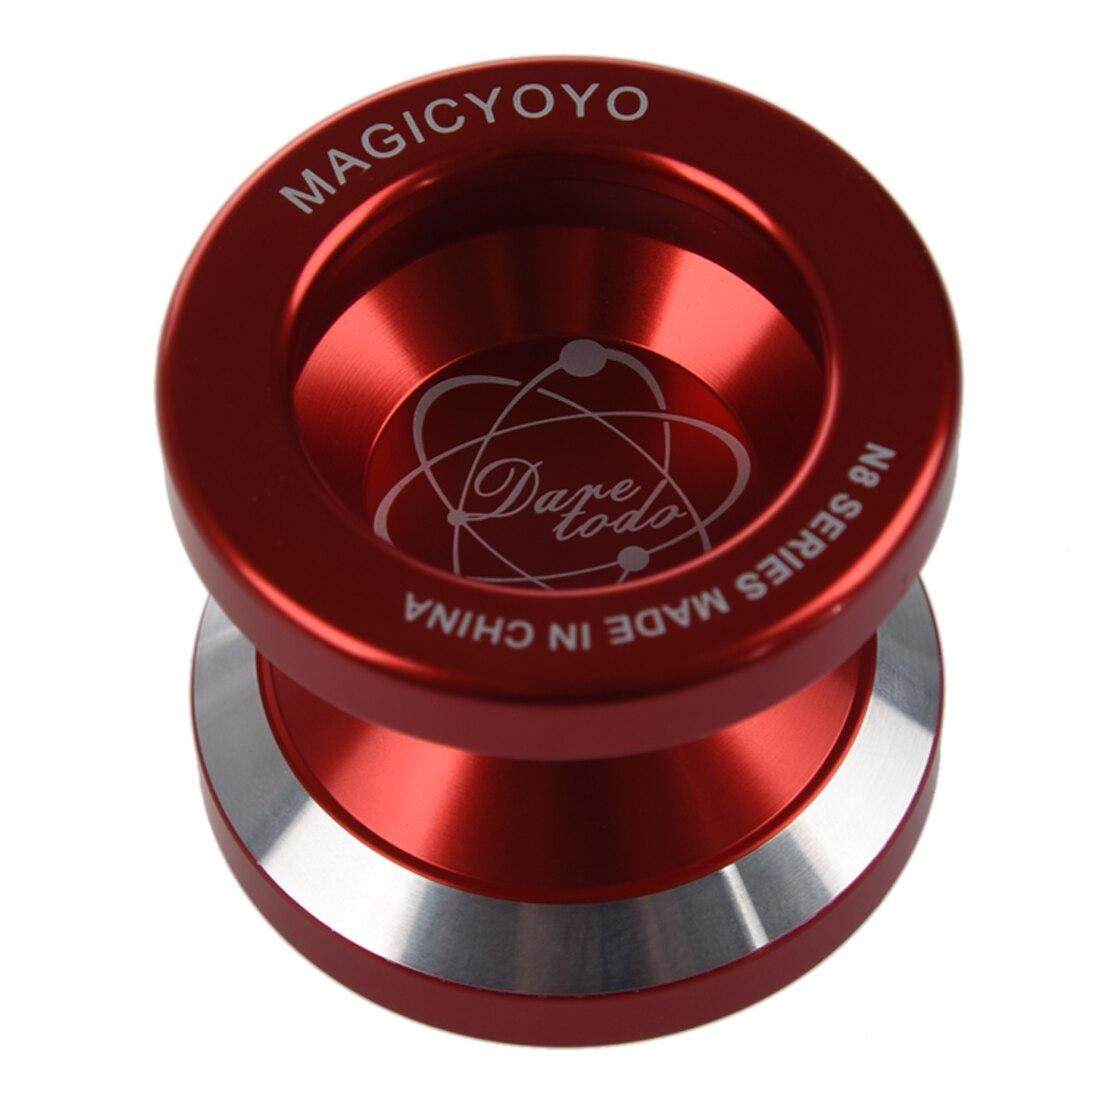 Nouveau Magic Yo-Yo N8 Super professionnel YoYo + ficelle + sac gratuit + gant gratuit (rouge)